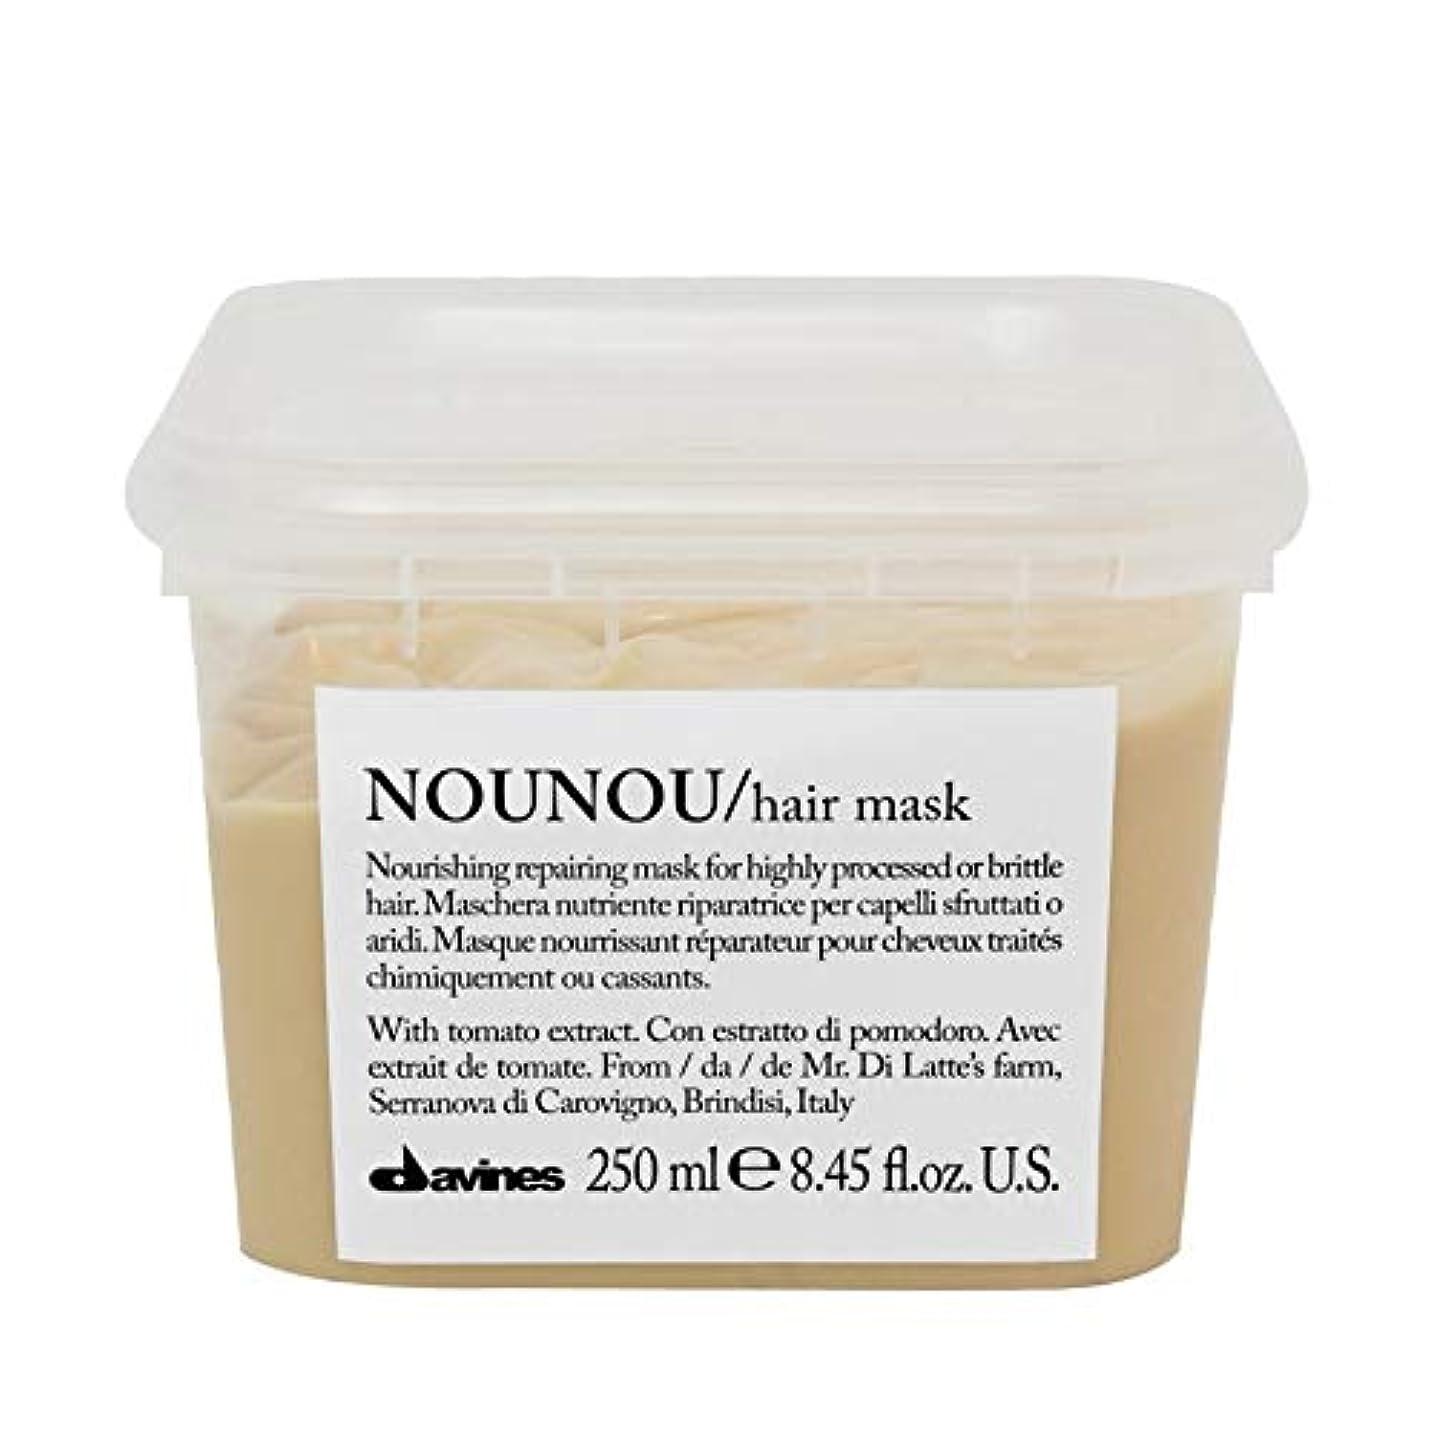 モスク気性論争的[Davines ] ヘアマスク250ミリリットルノウノウダヴィネス - Davines Nounou Hair Mask 250ml [並行輸入品]